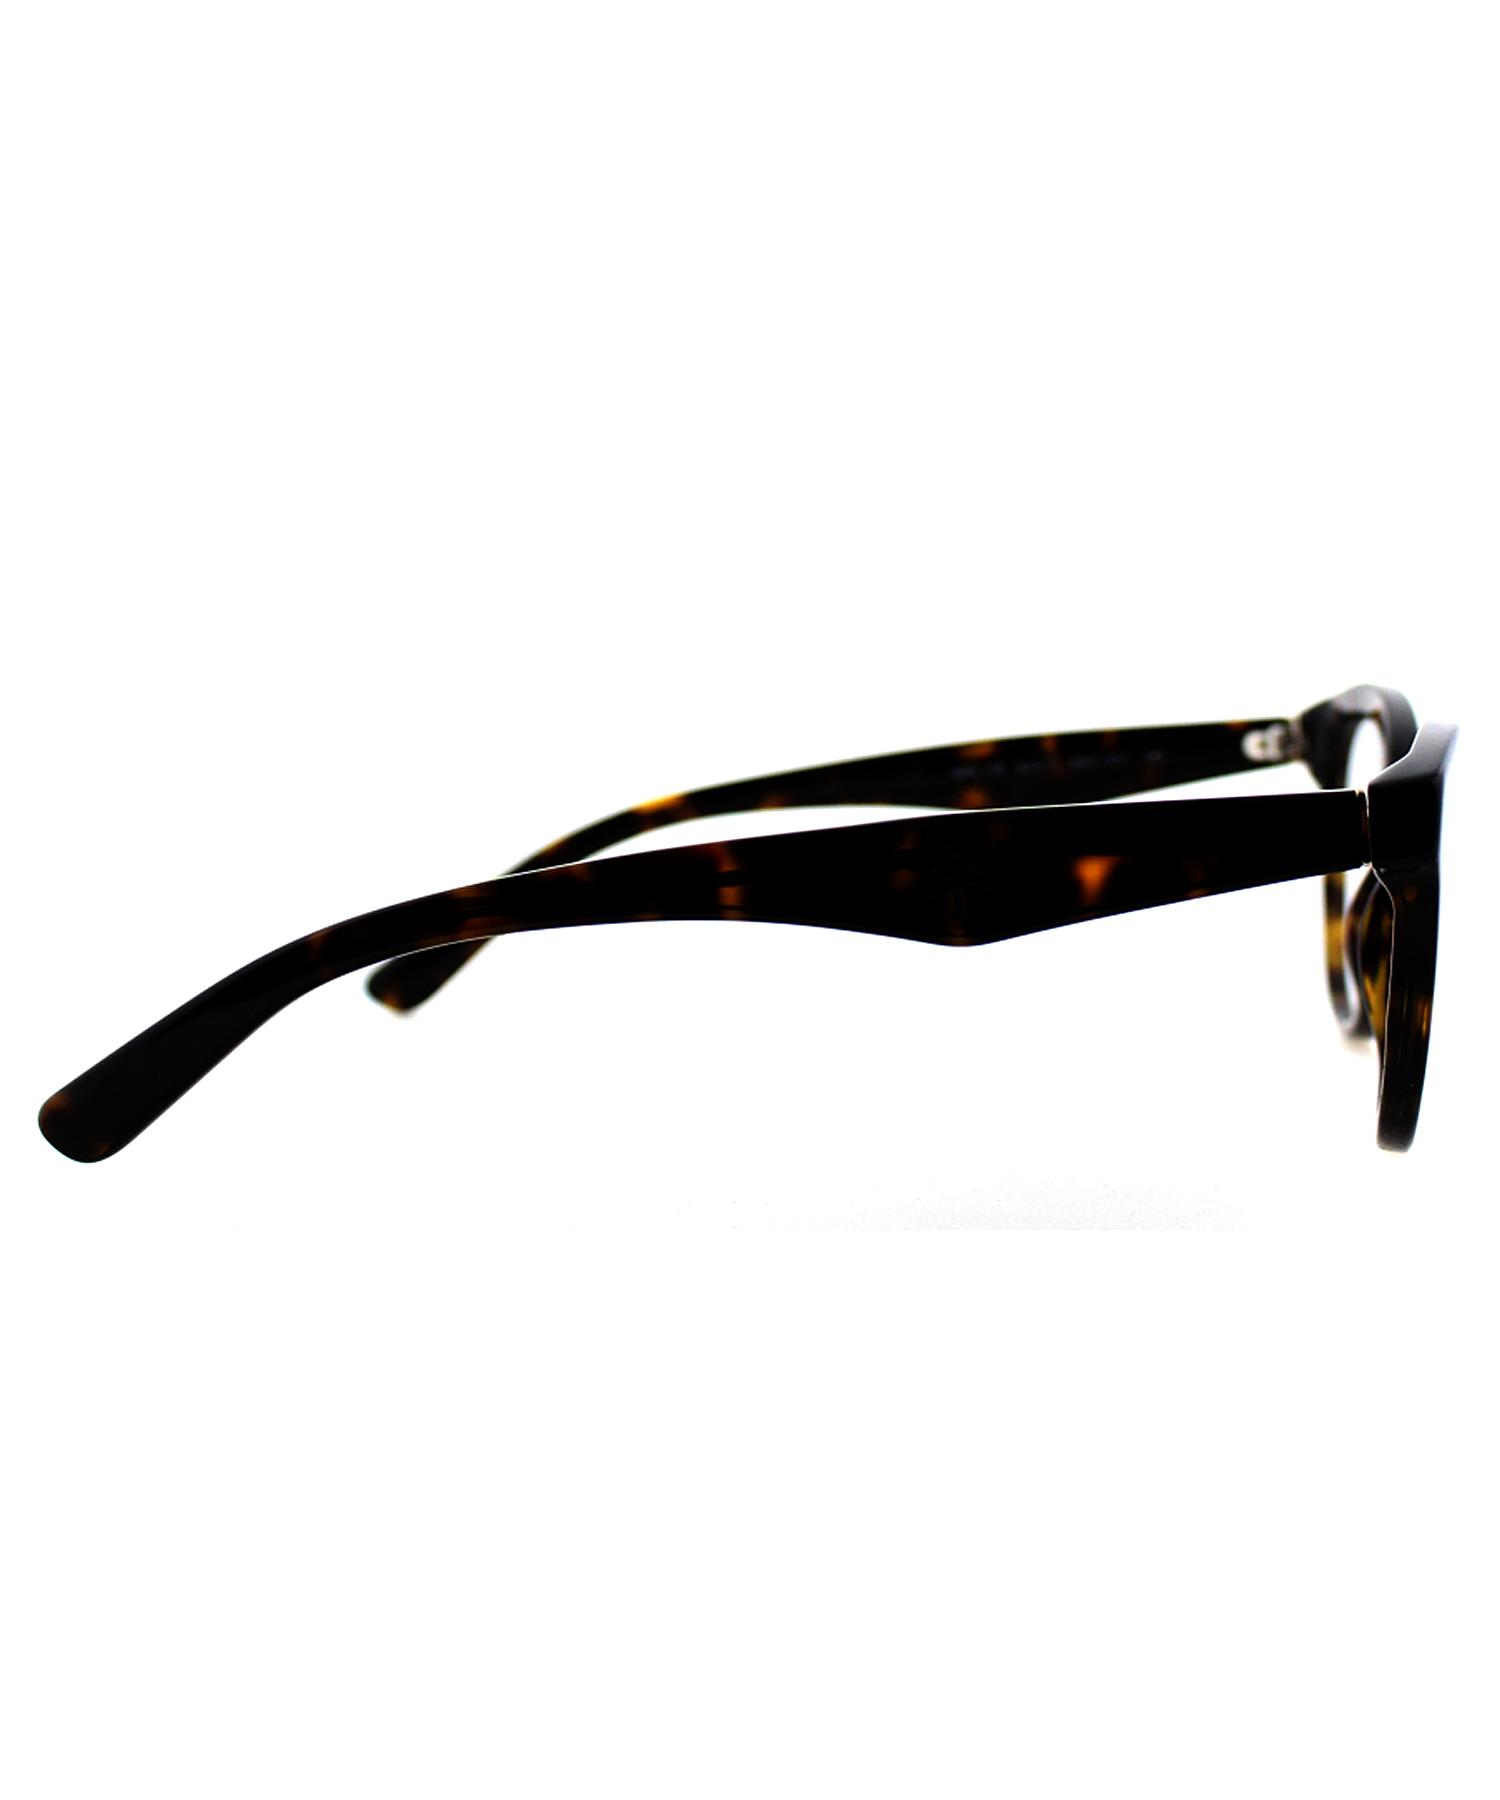 Prada Eyeglass Frames Cateye : Prada Cat-eye Metal Eyeglasses in Brown Lyst